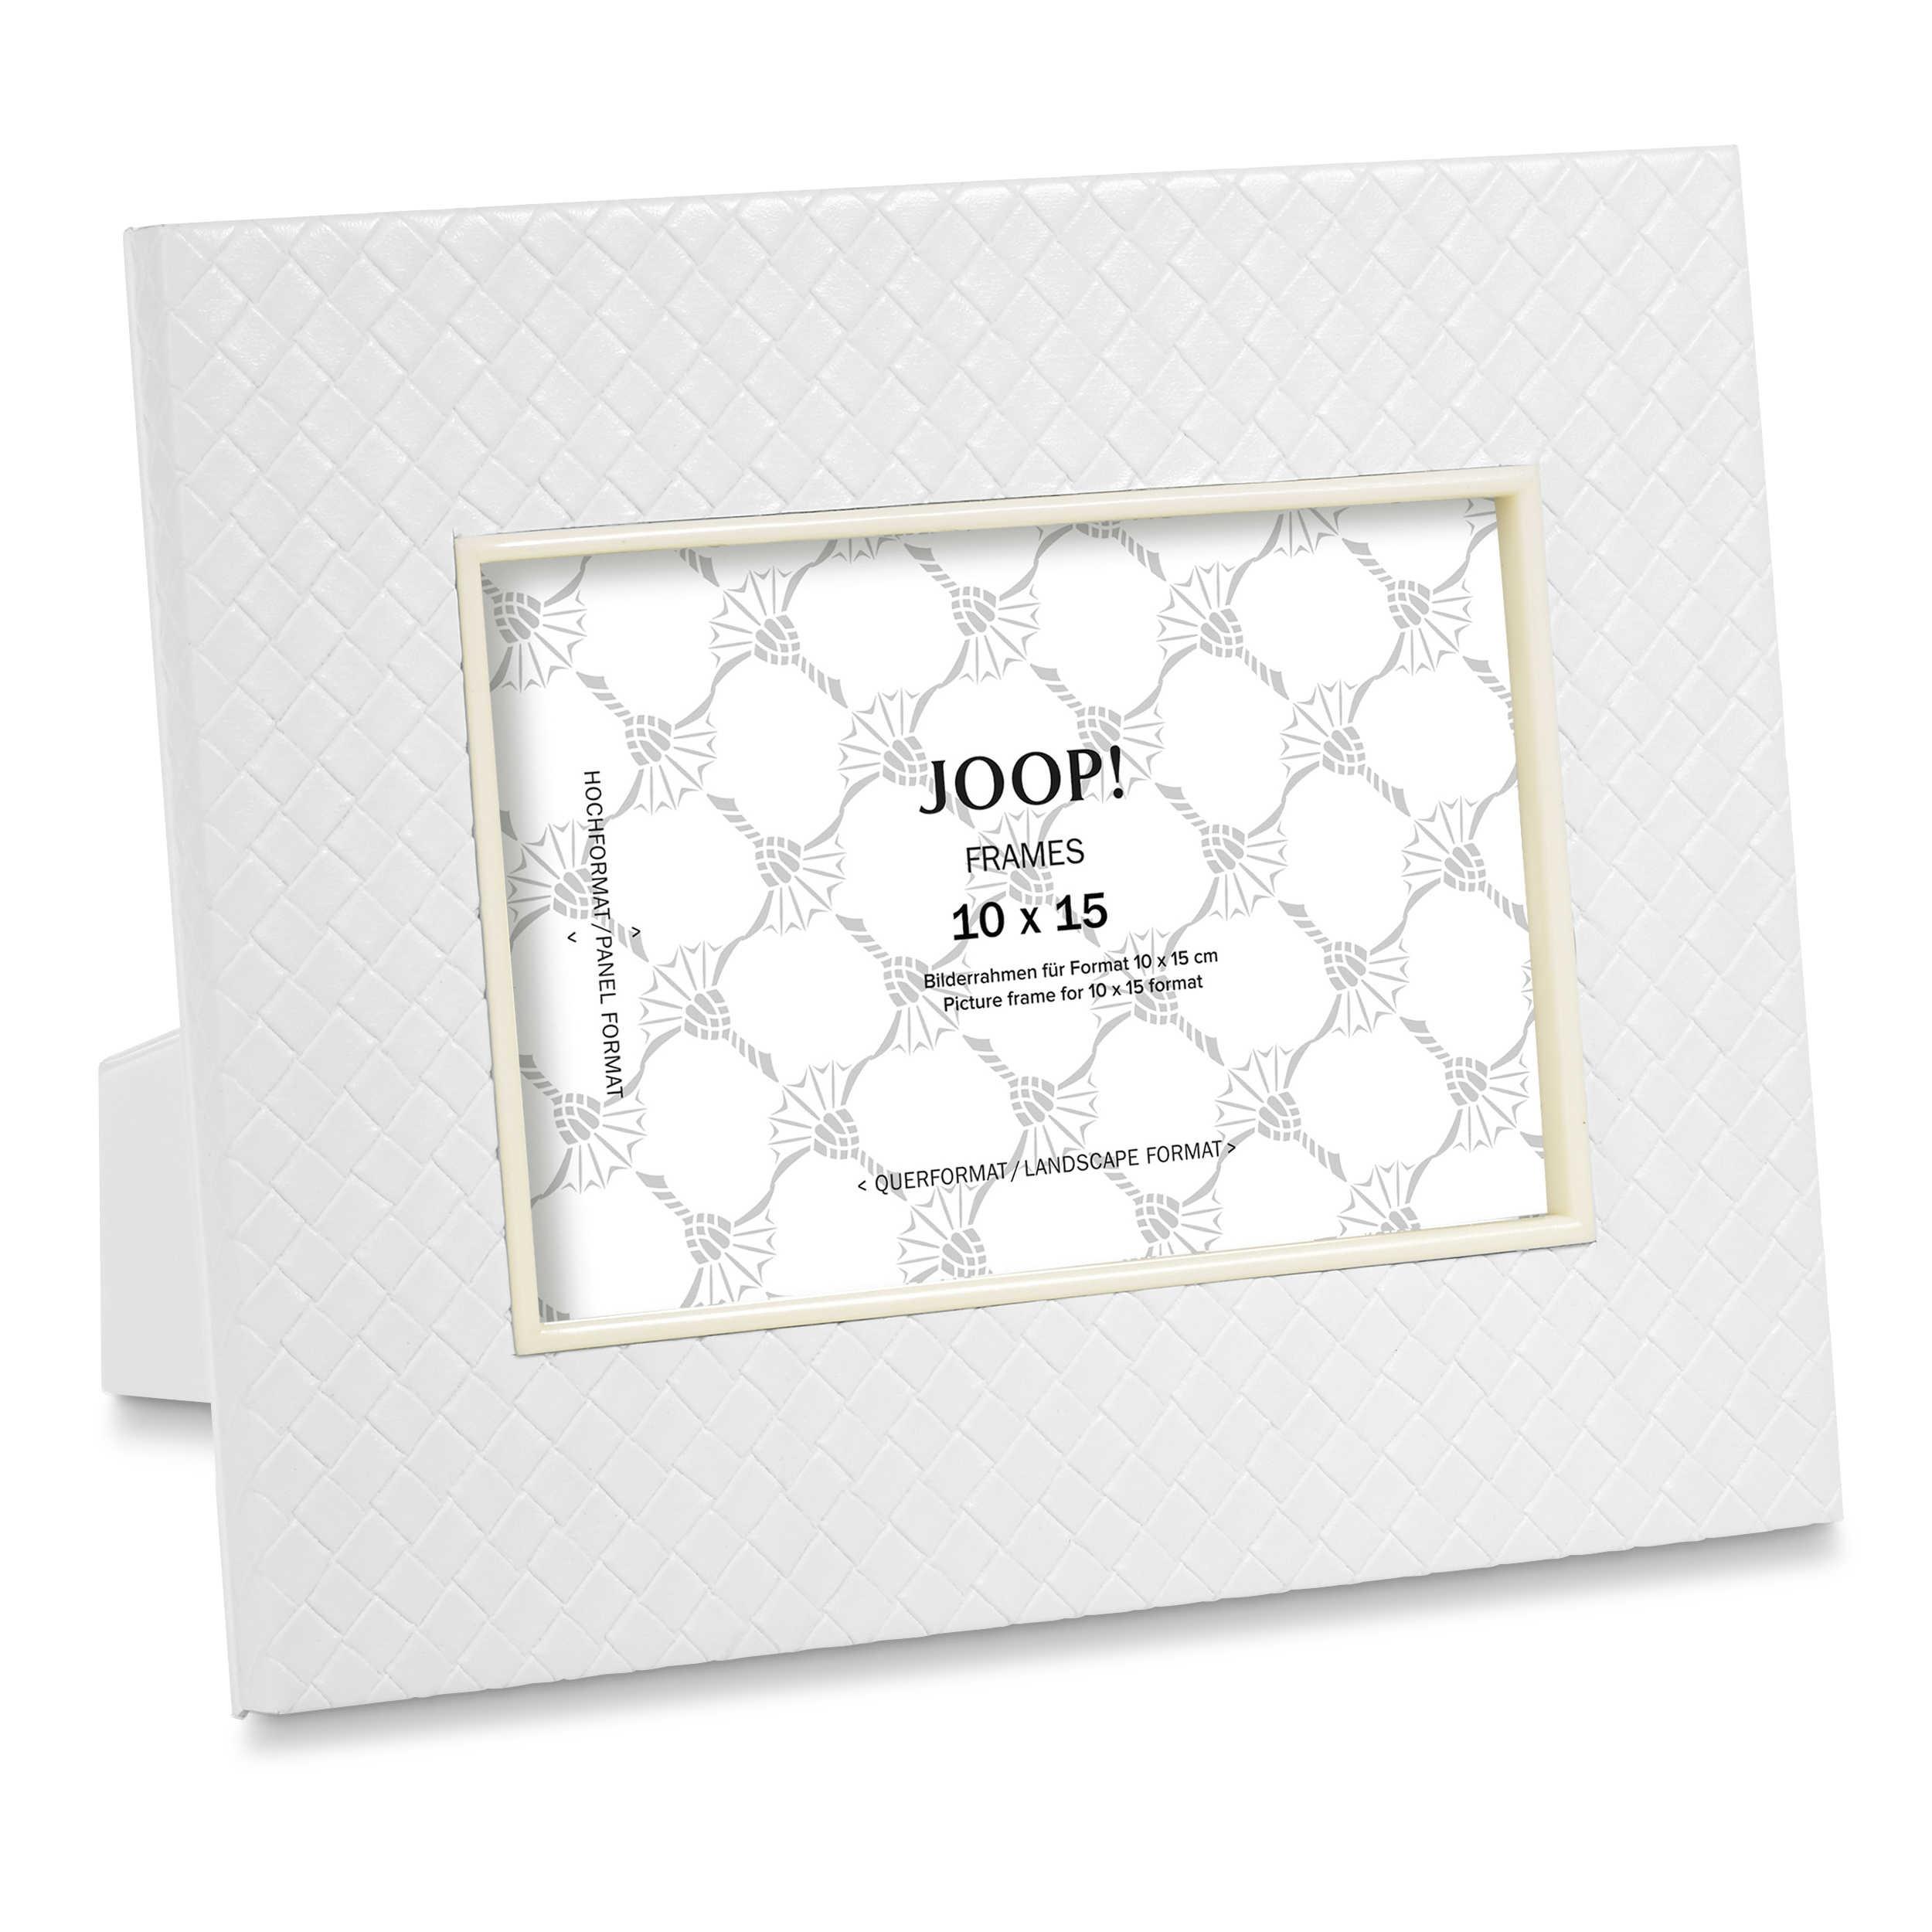 Joop bilderrahmen homeaccessoires 10 x 15 cm wei - Joop deko ...